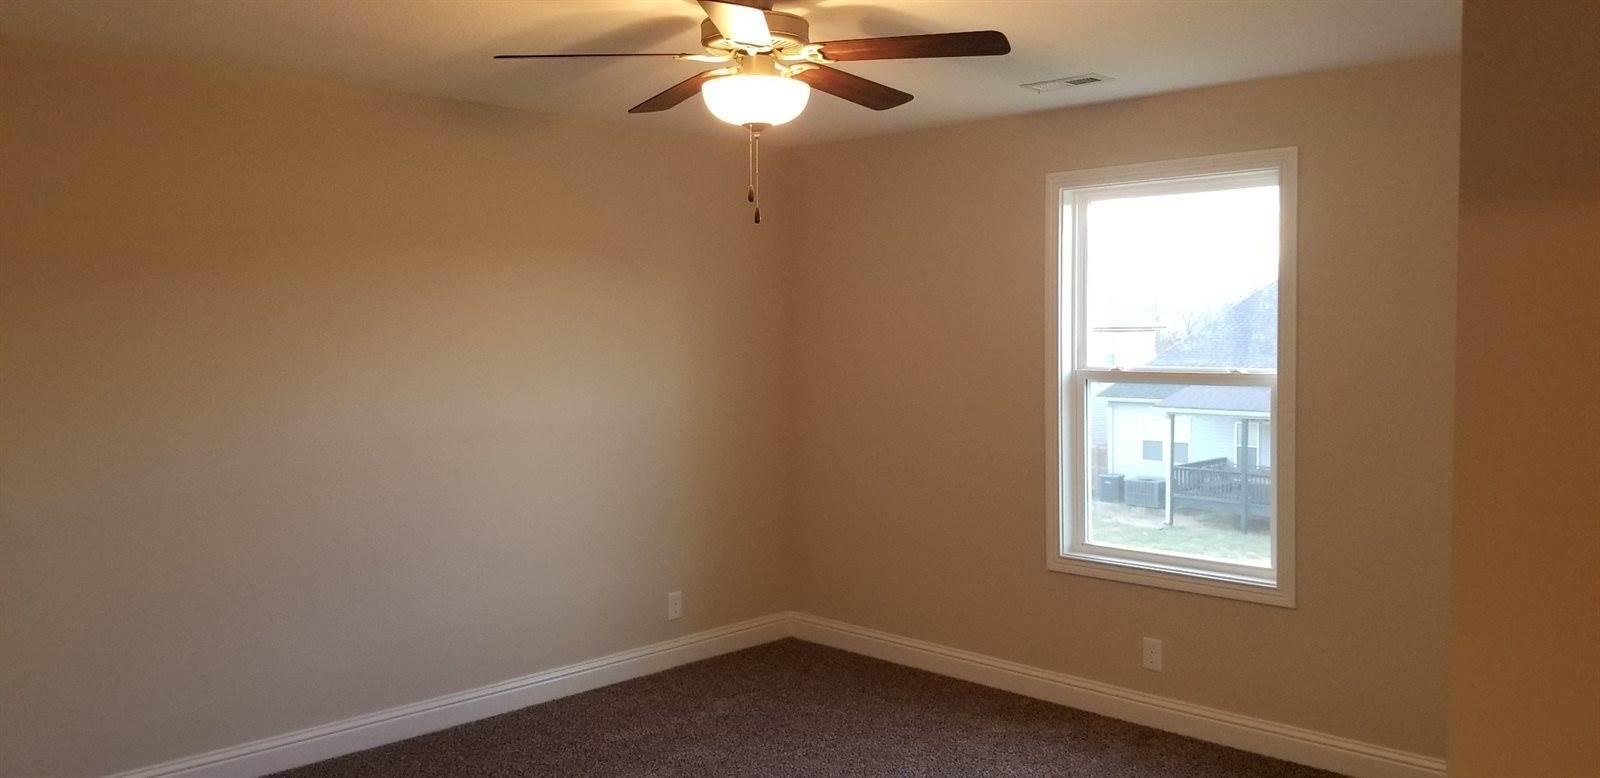 102 Griffey Estates, Clarksville, TN 37042